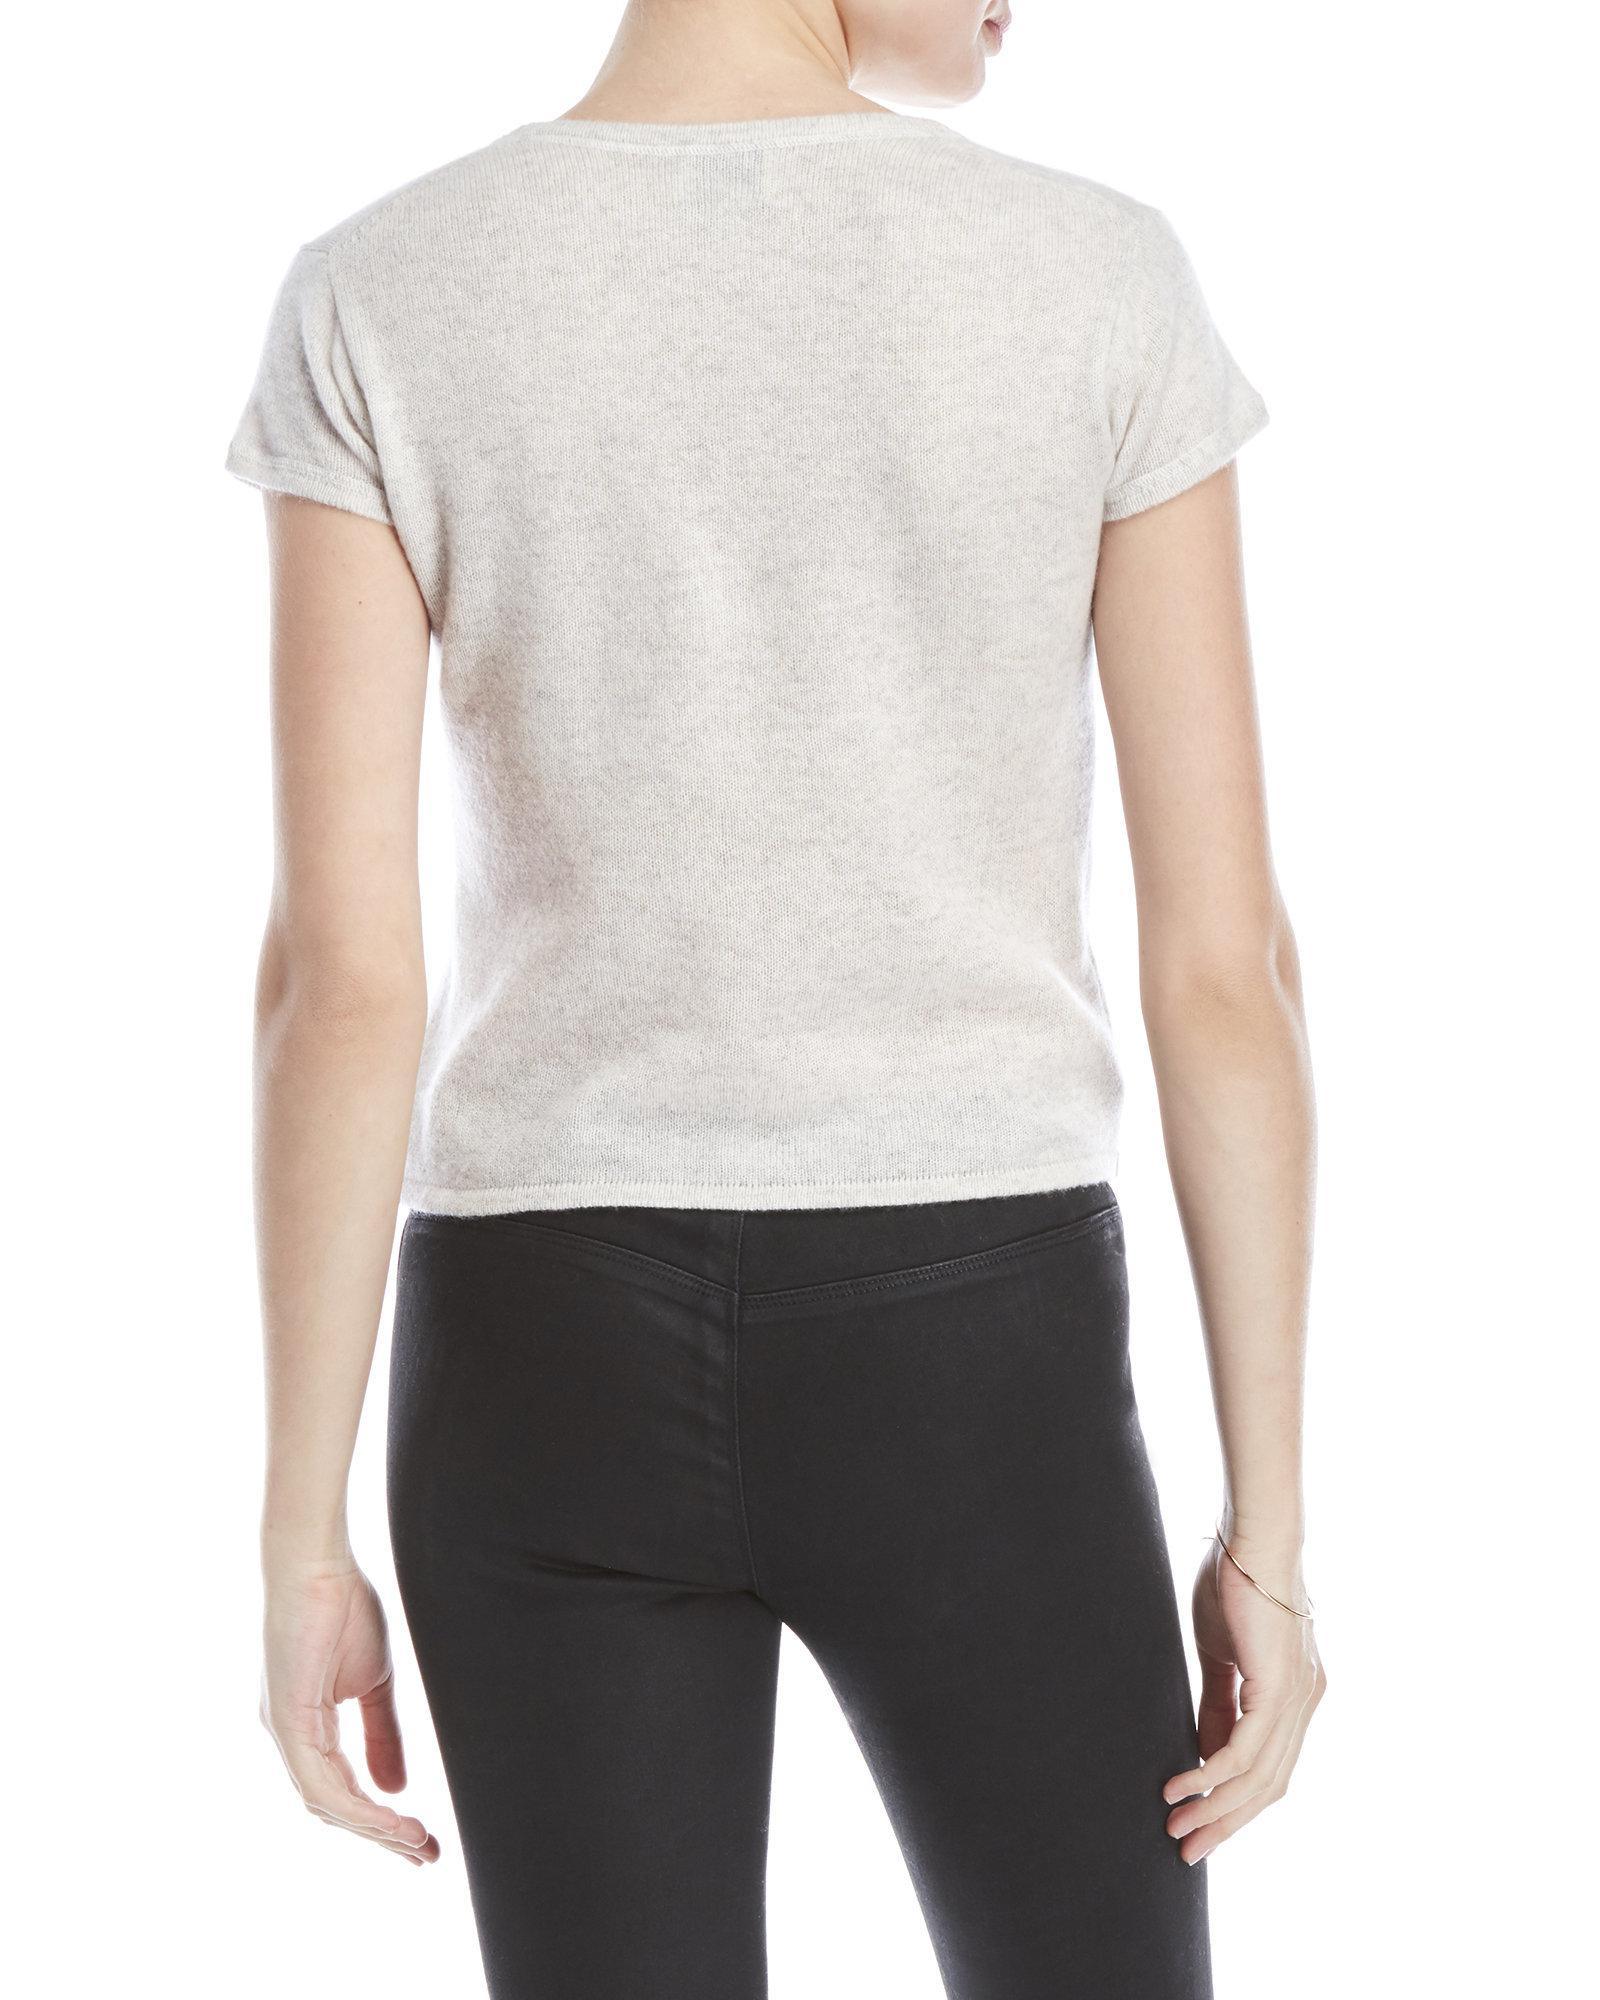 da071486d9 Lyst - Qi Petite Short Sleeve Cashmere Sweater in White